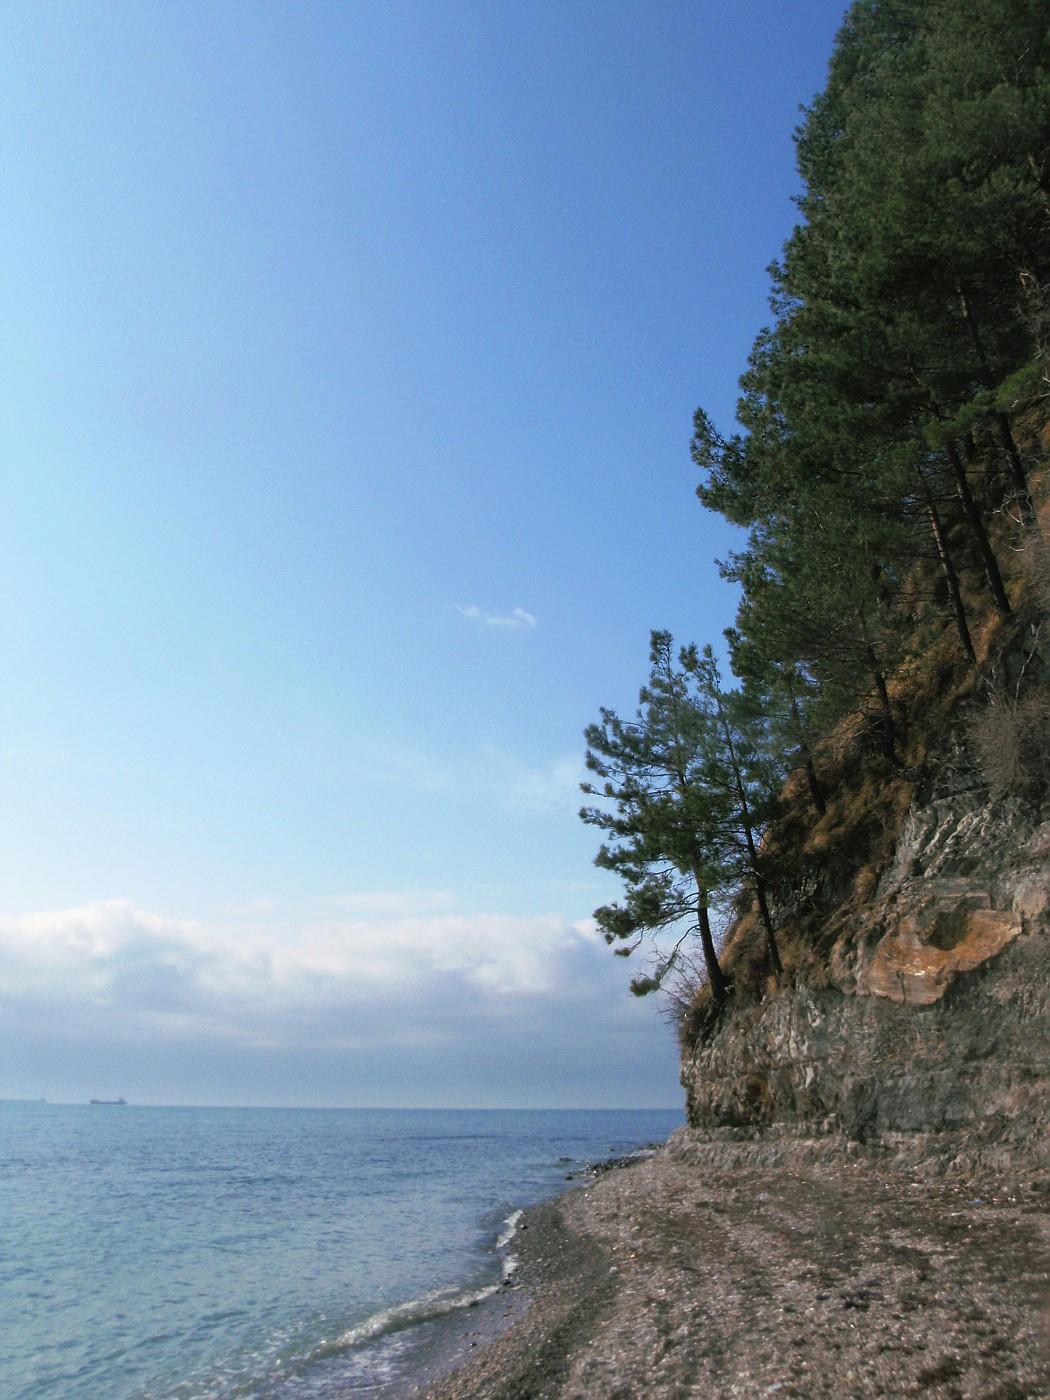 Stony beach of the Black Sea